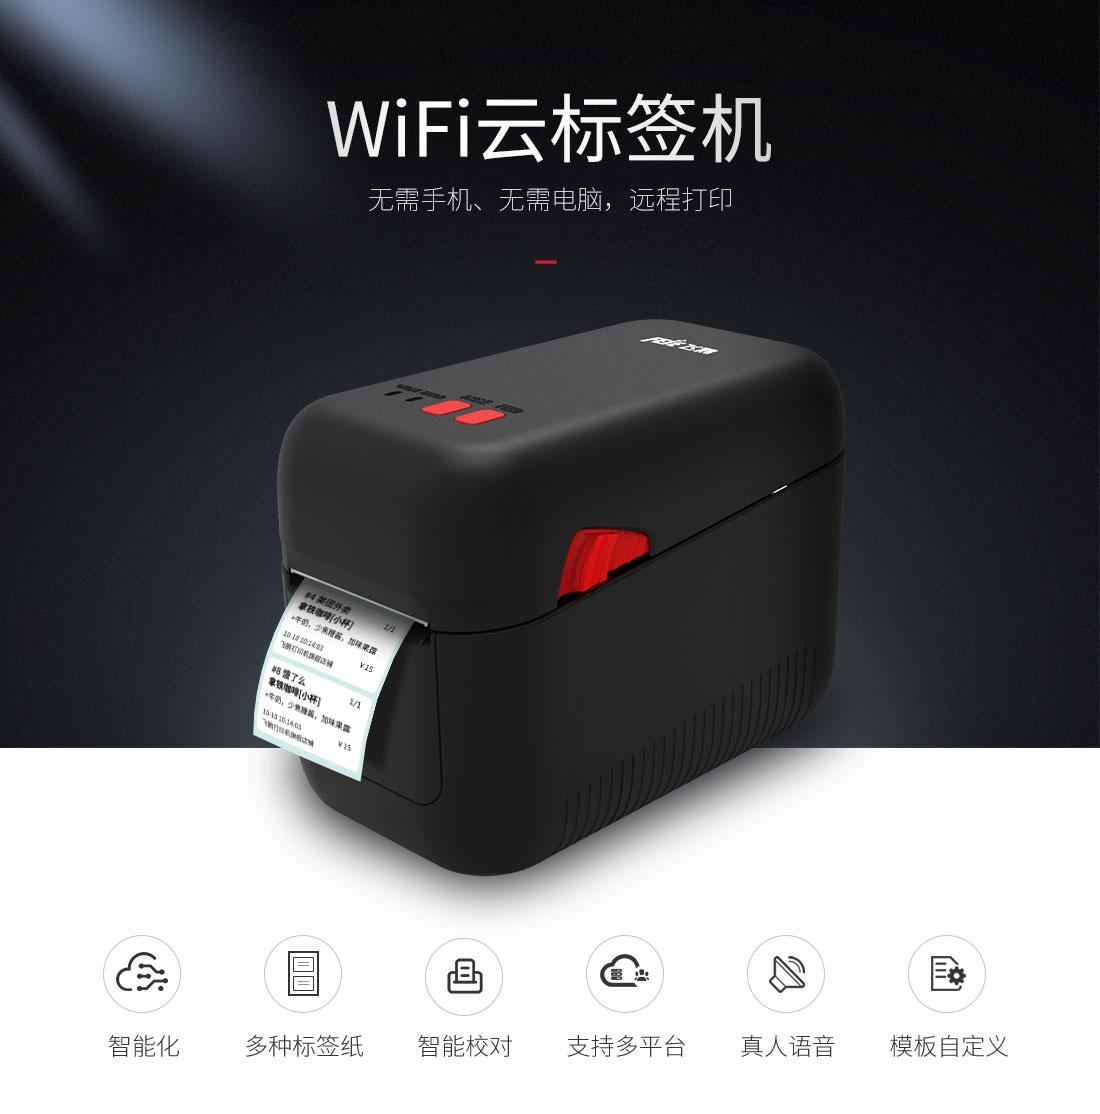 WiFi标签打印机,WiFi条码机